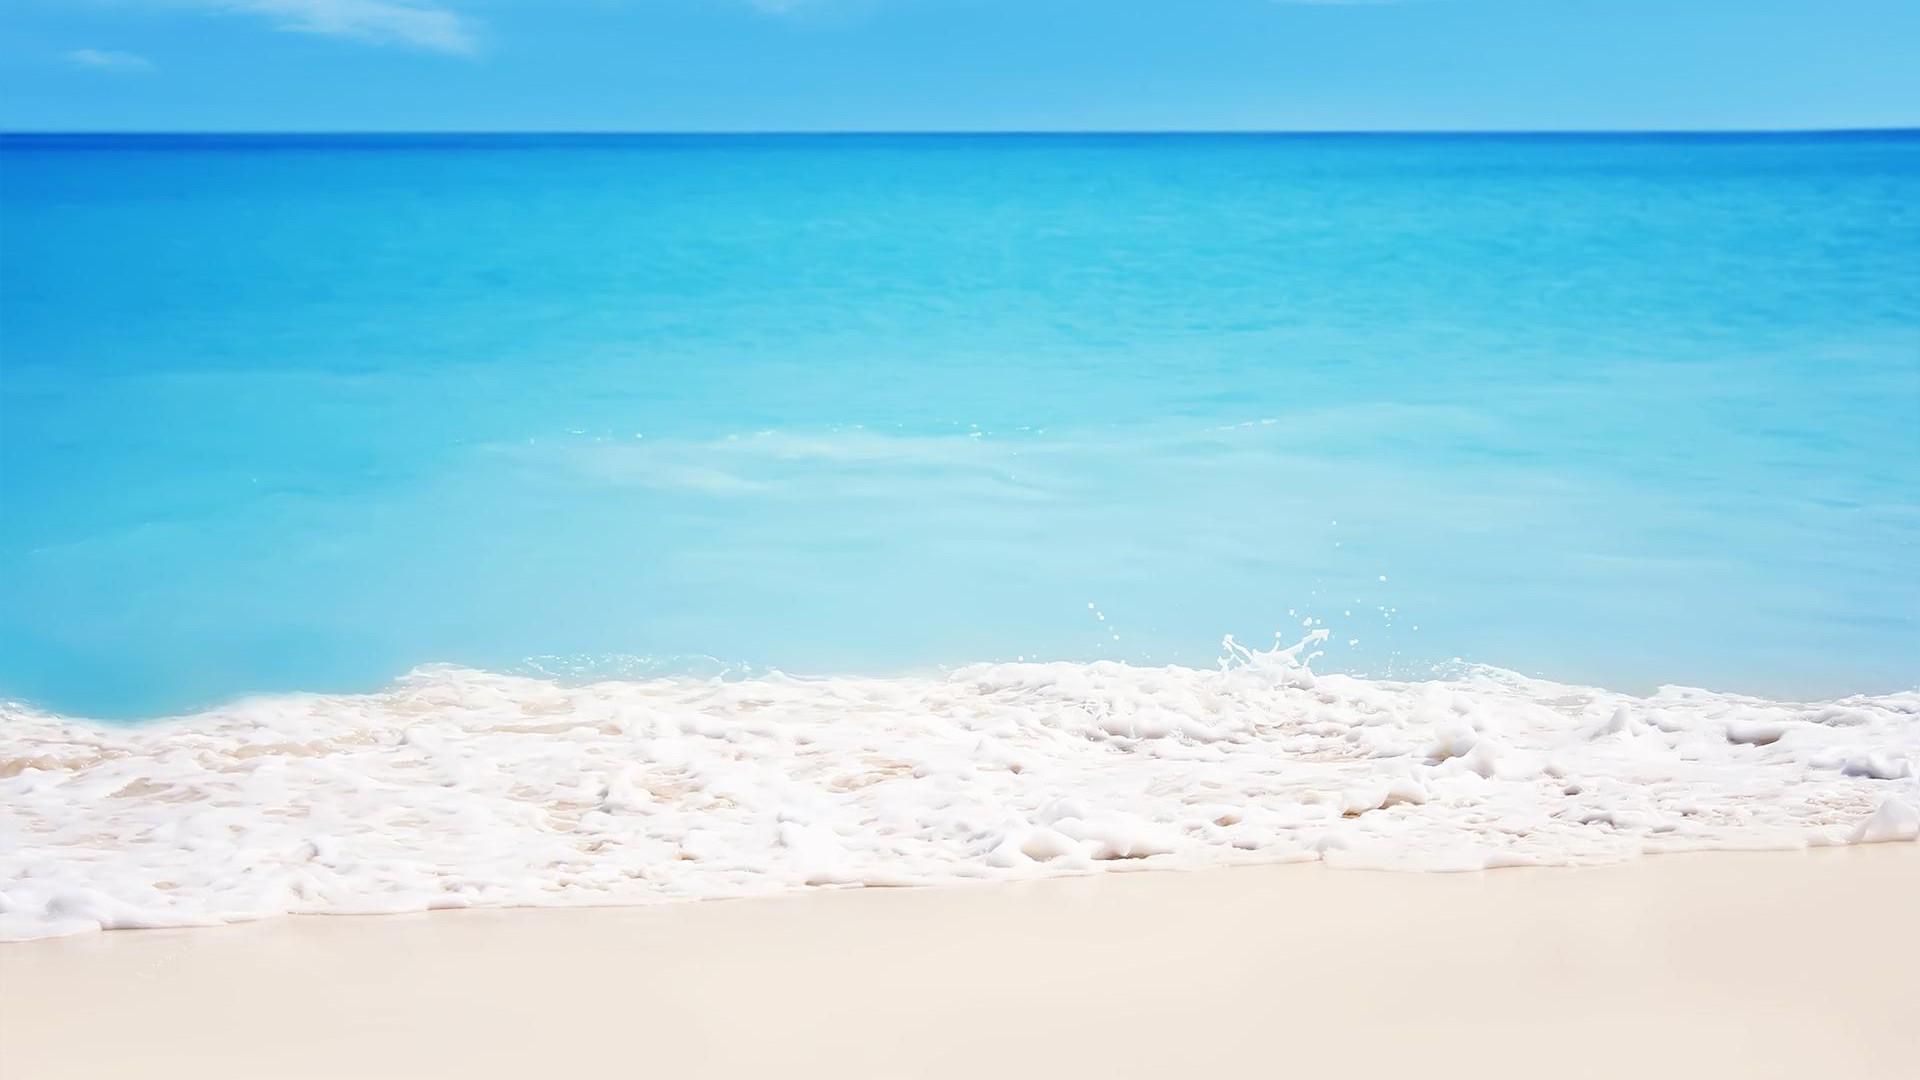 Cool Beach Sand Wallpaper